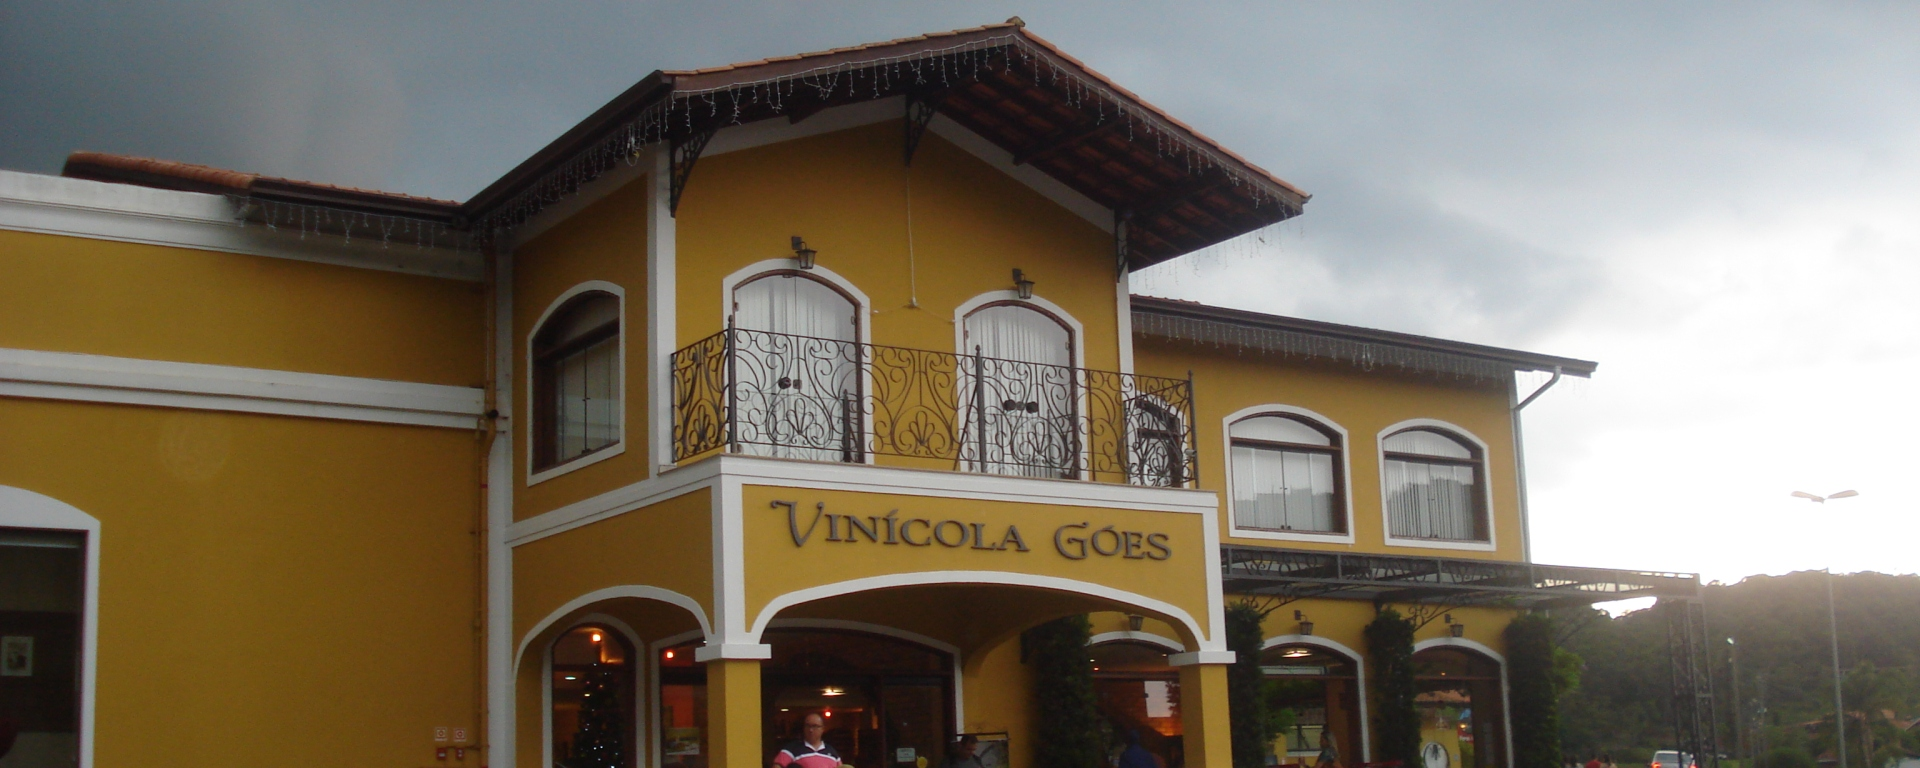 Vinicola Goes Rota do Vinho Sao Roque SP